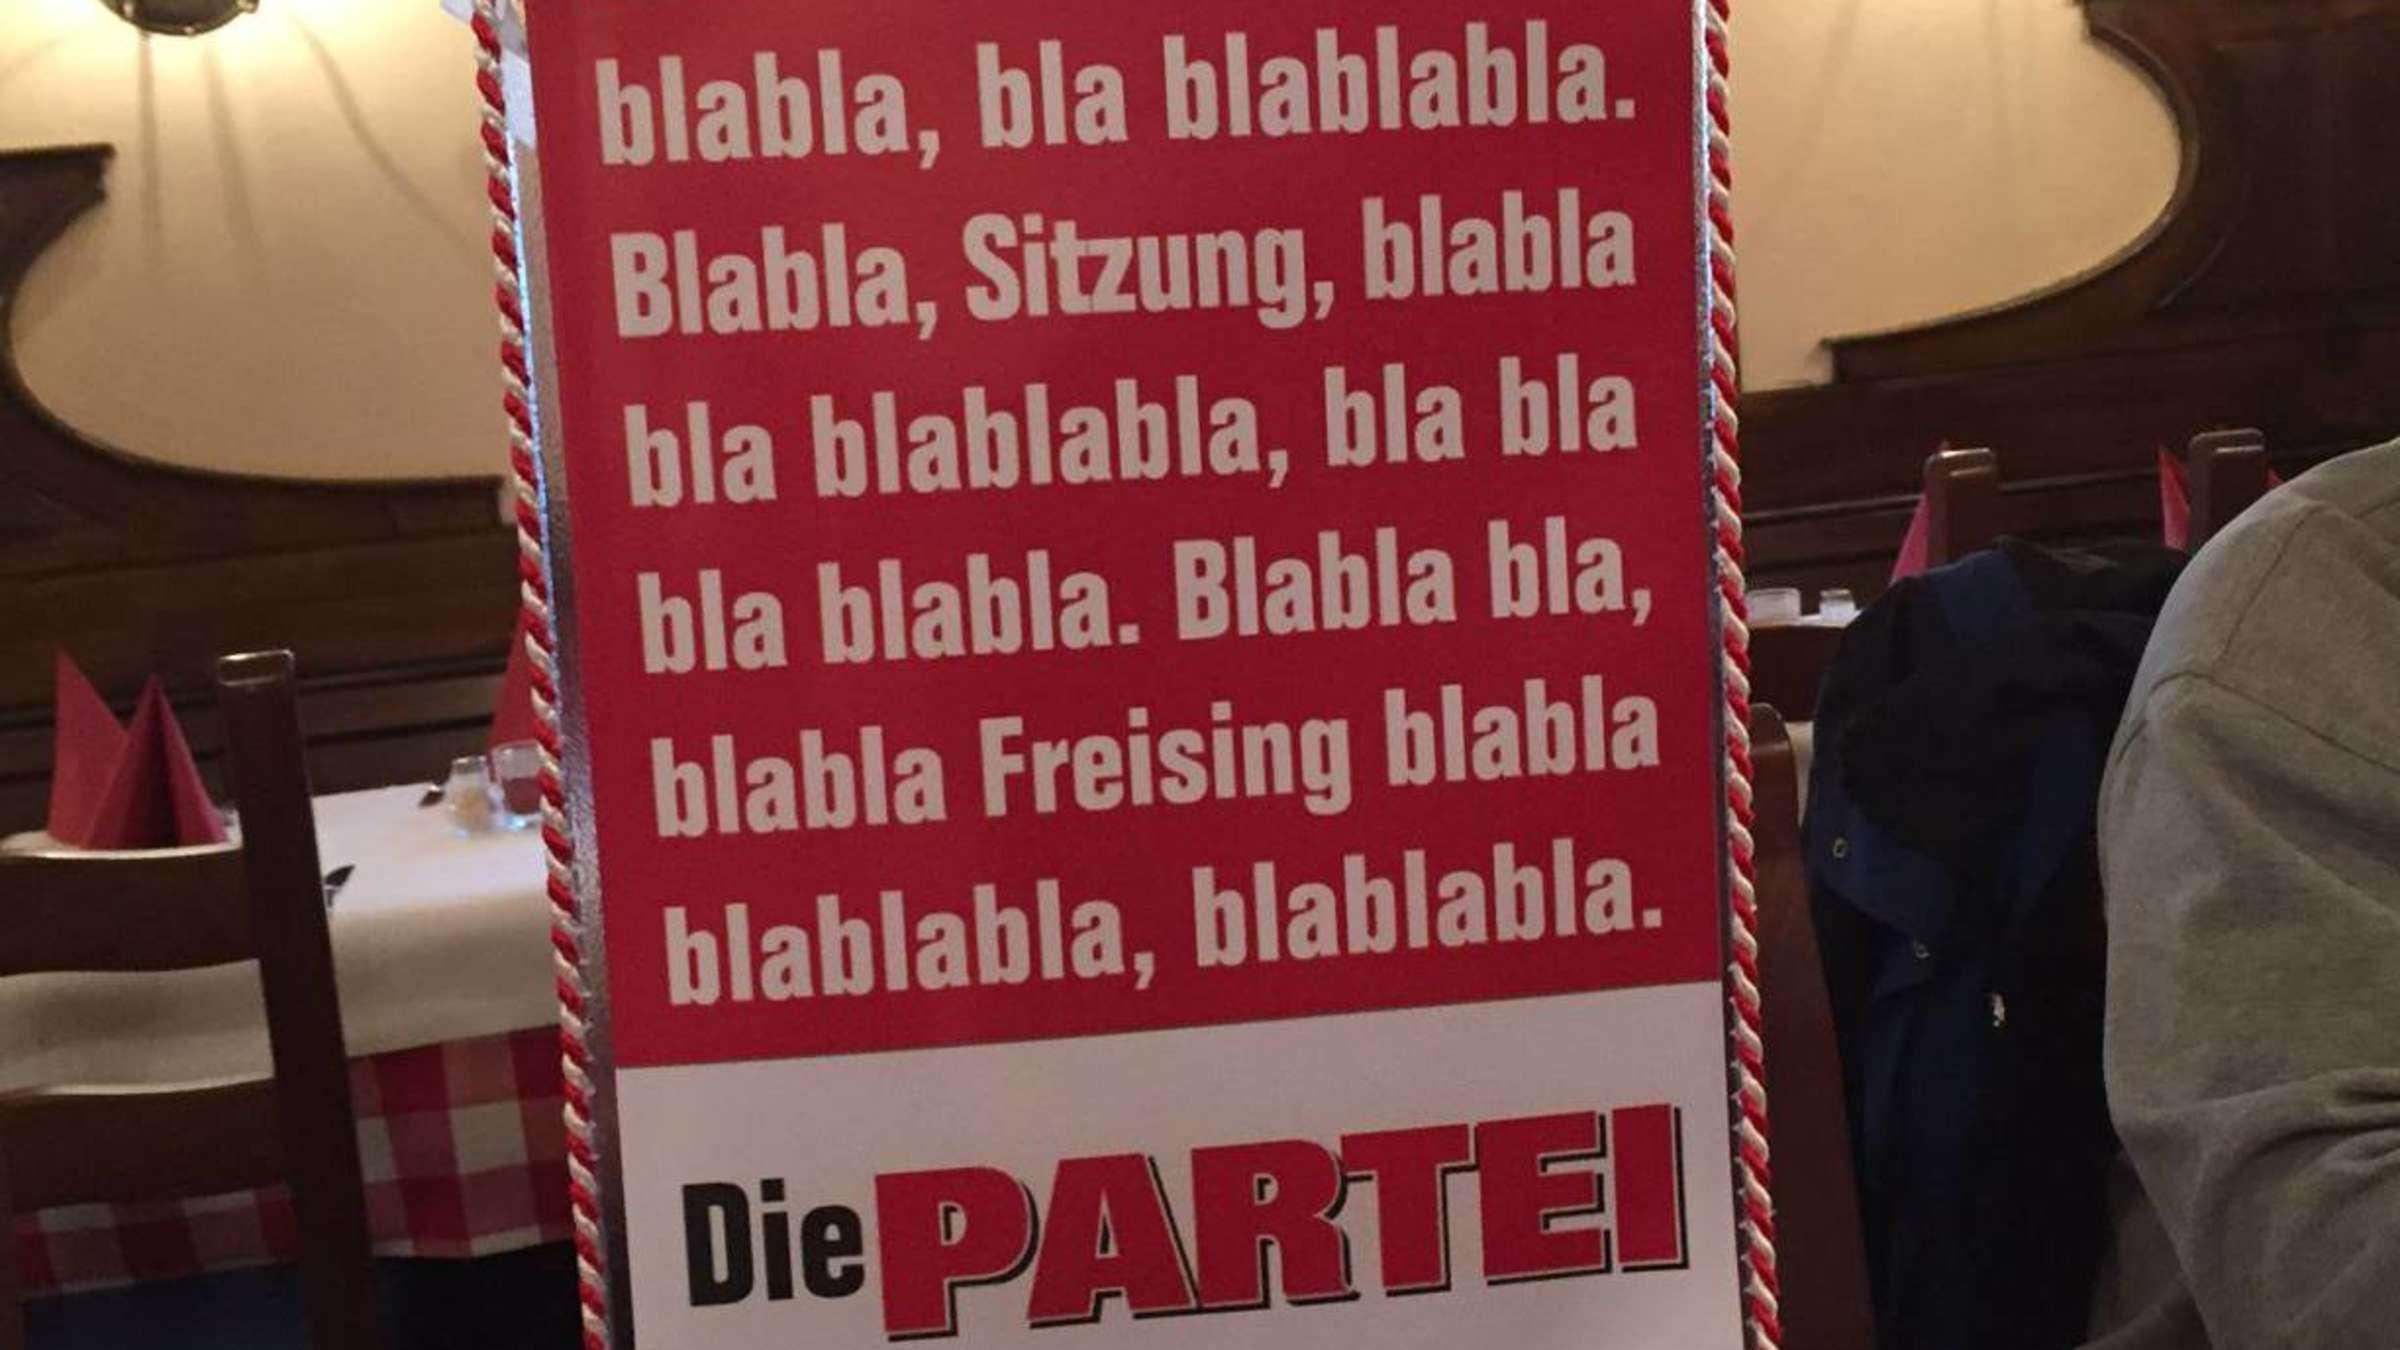 Versammlung gestoppt: Die Partei fliegt aus Grünem Hof in ...